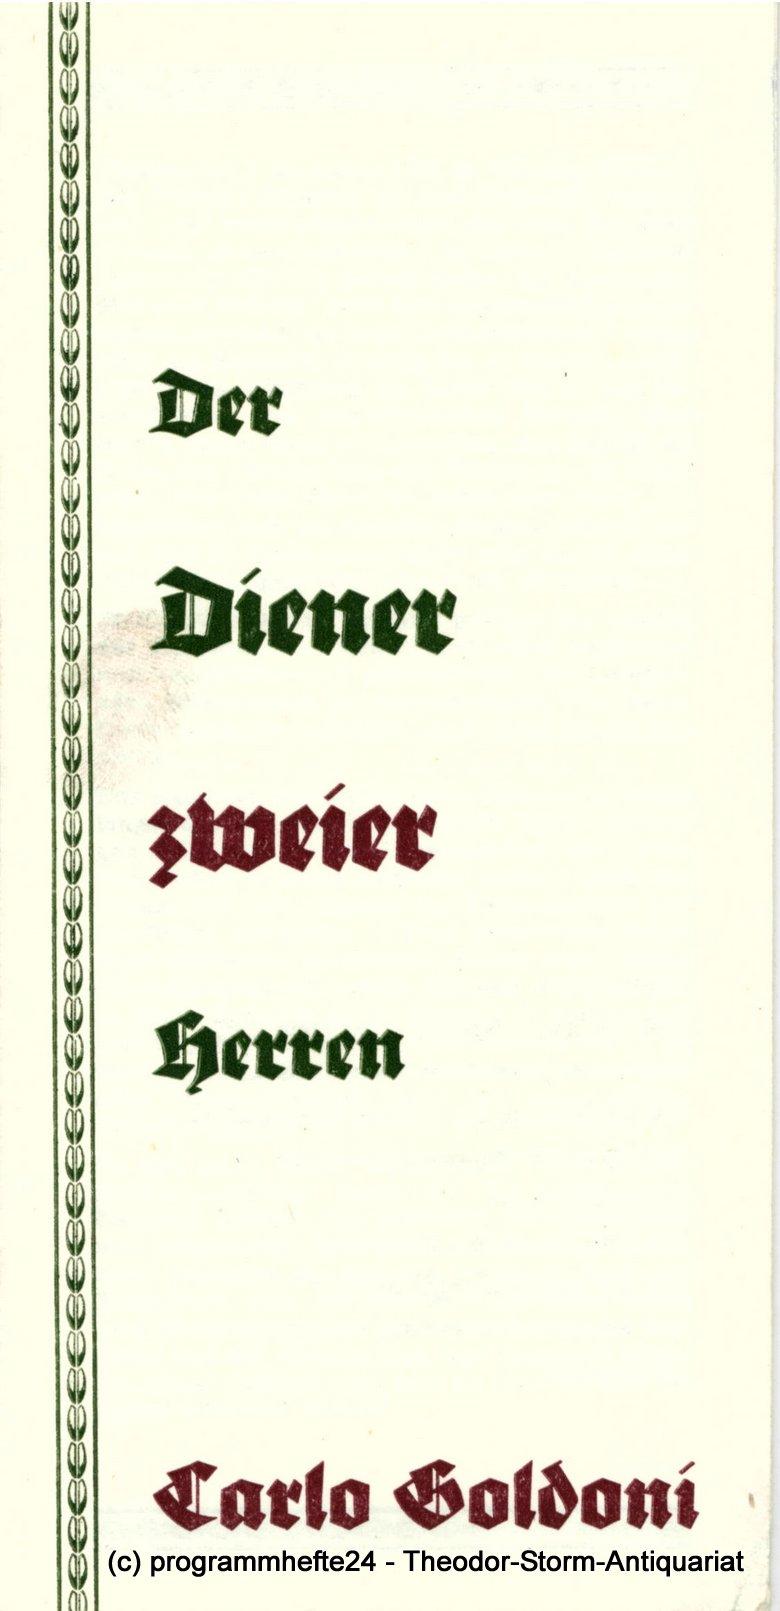 Programmheft Der Diener zweier Herren. Stadttheater Freiberg 1980